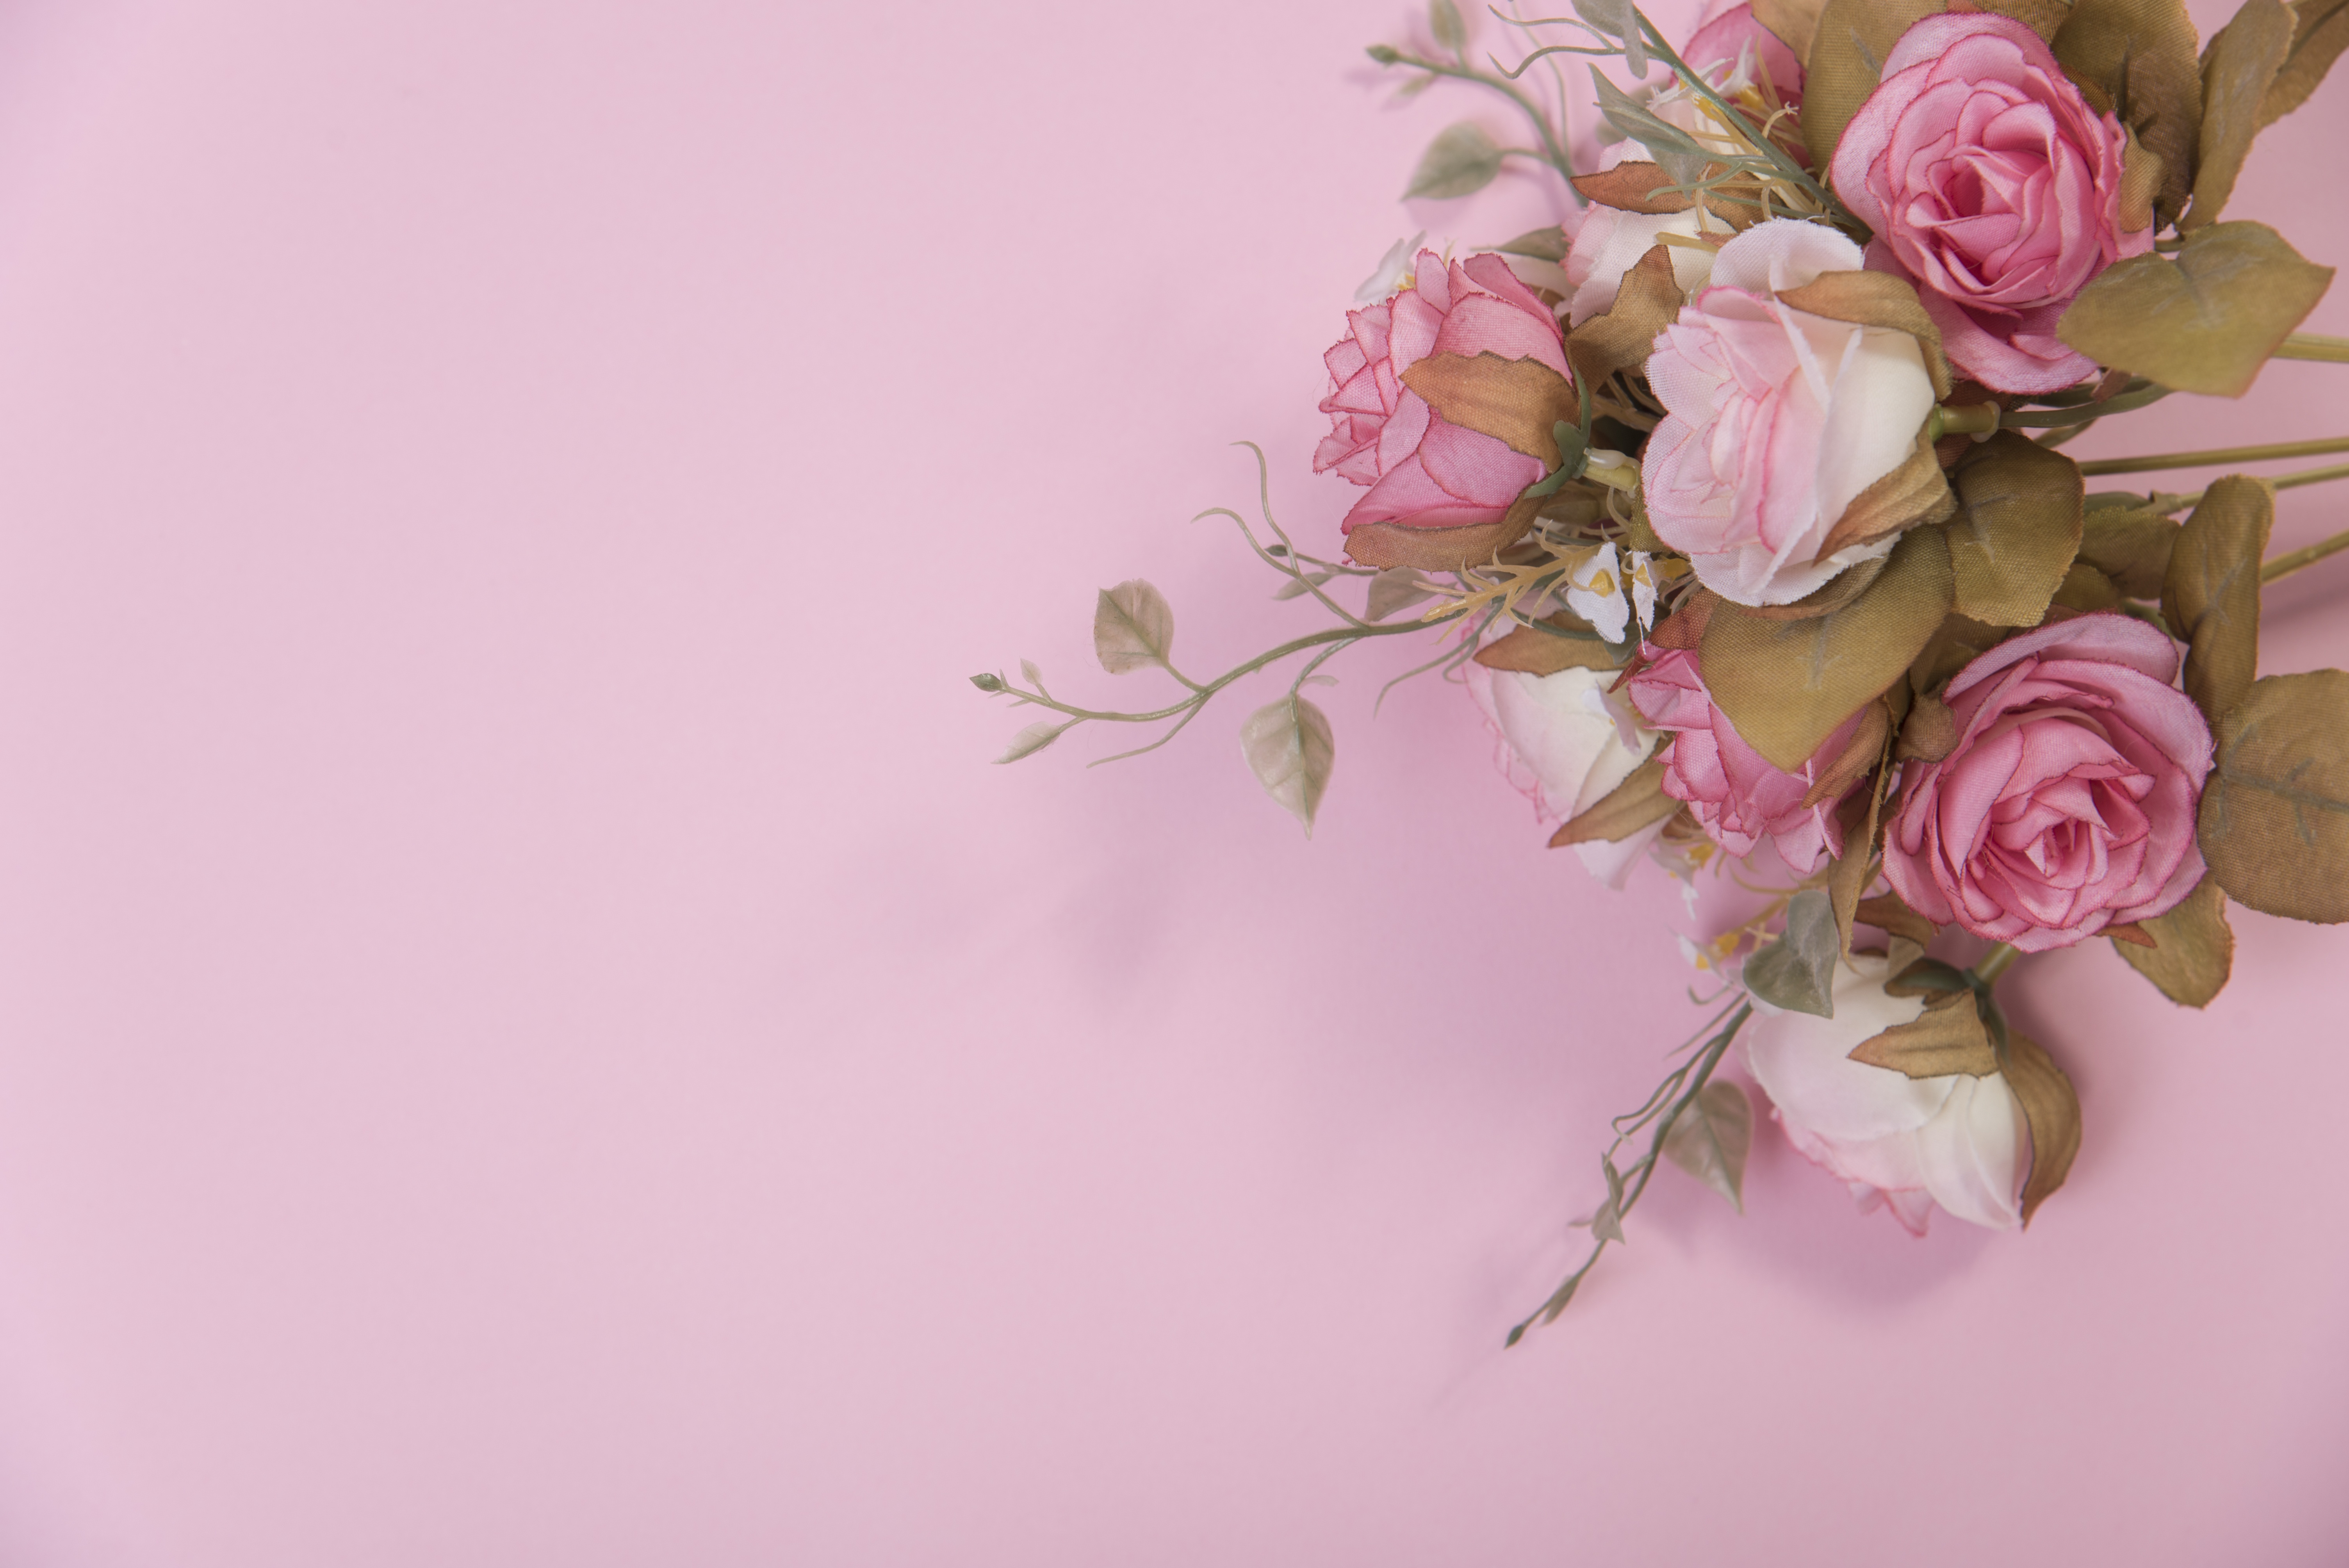 Фон с букетом цветов сбоку